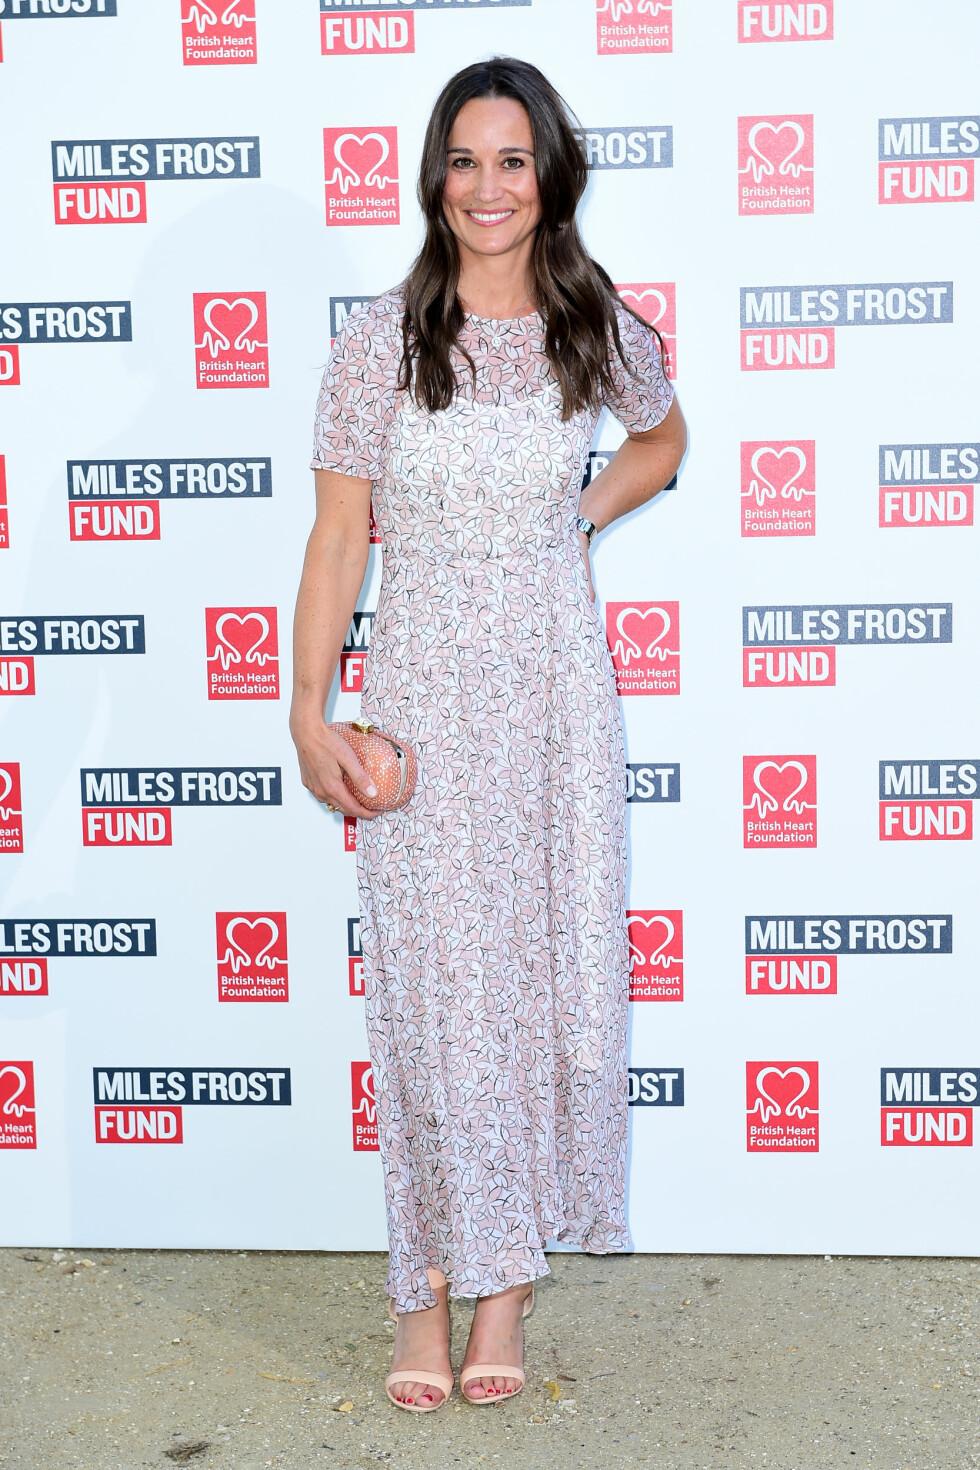 SKJULTE RINGFINGEREN: Da Pippa Middleton deltok på veldedighetsarrangementet Frost Summer Party mandag, sørget hun for å gjemme «forlovelsesringfingeren» sin for pressen.  Foto: Pa Photos